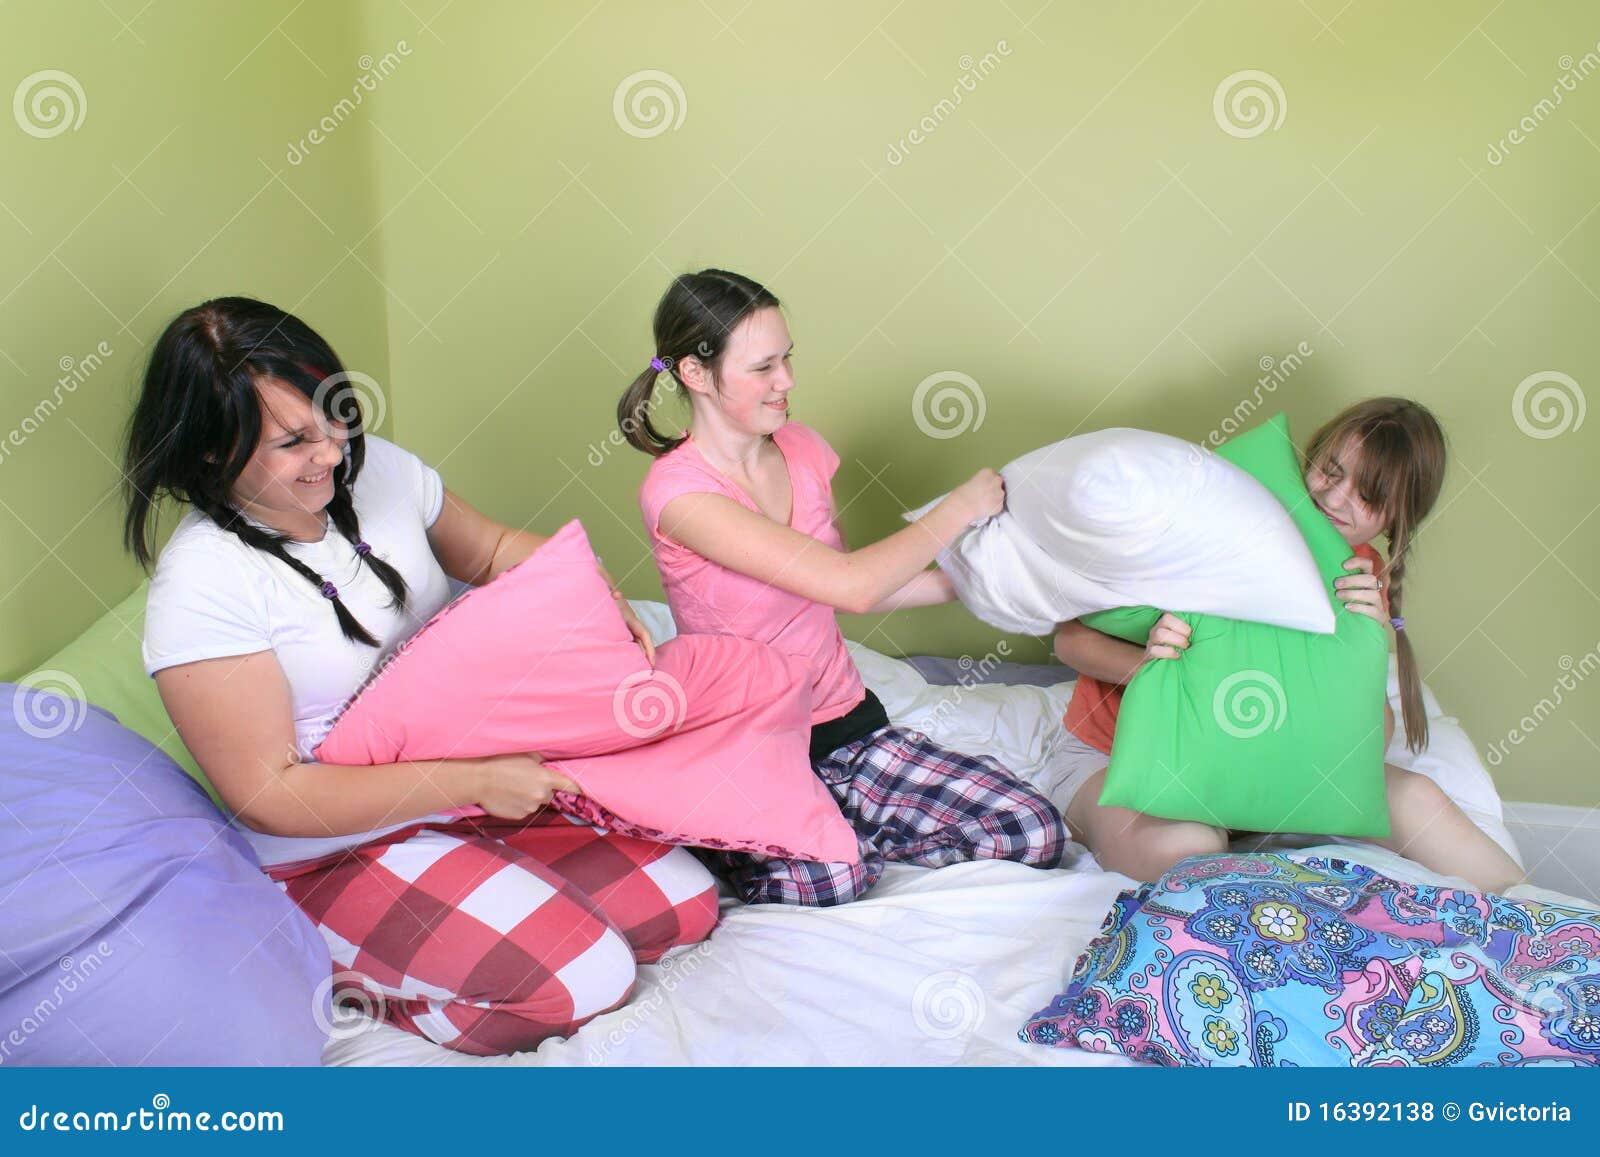 Teen Pillow Fight Pics 42